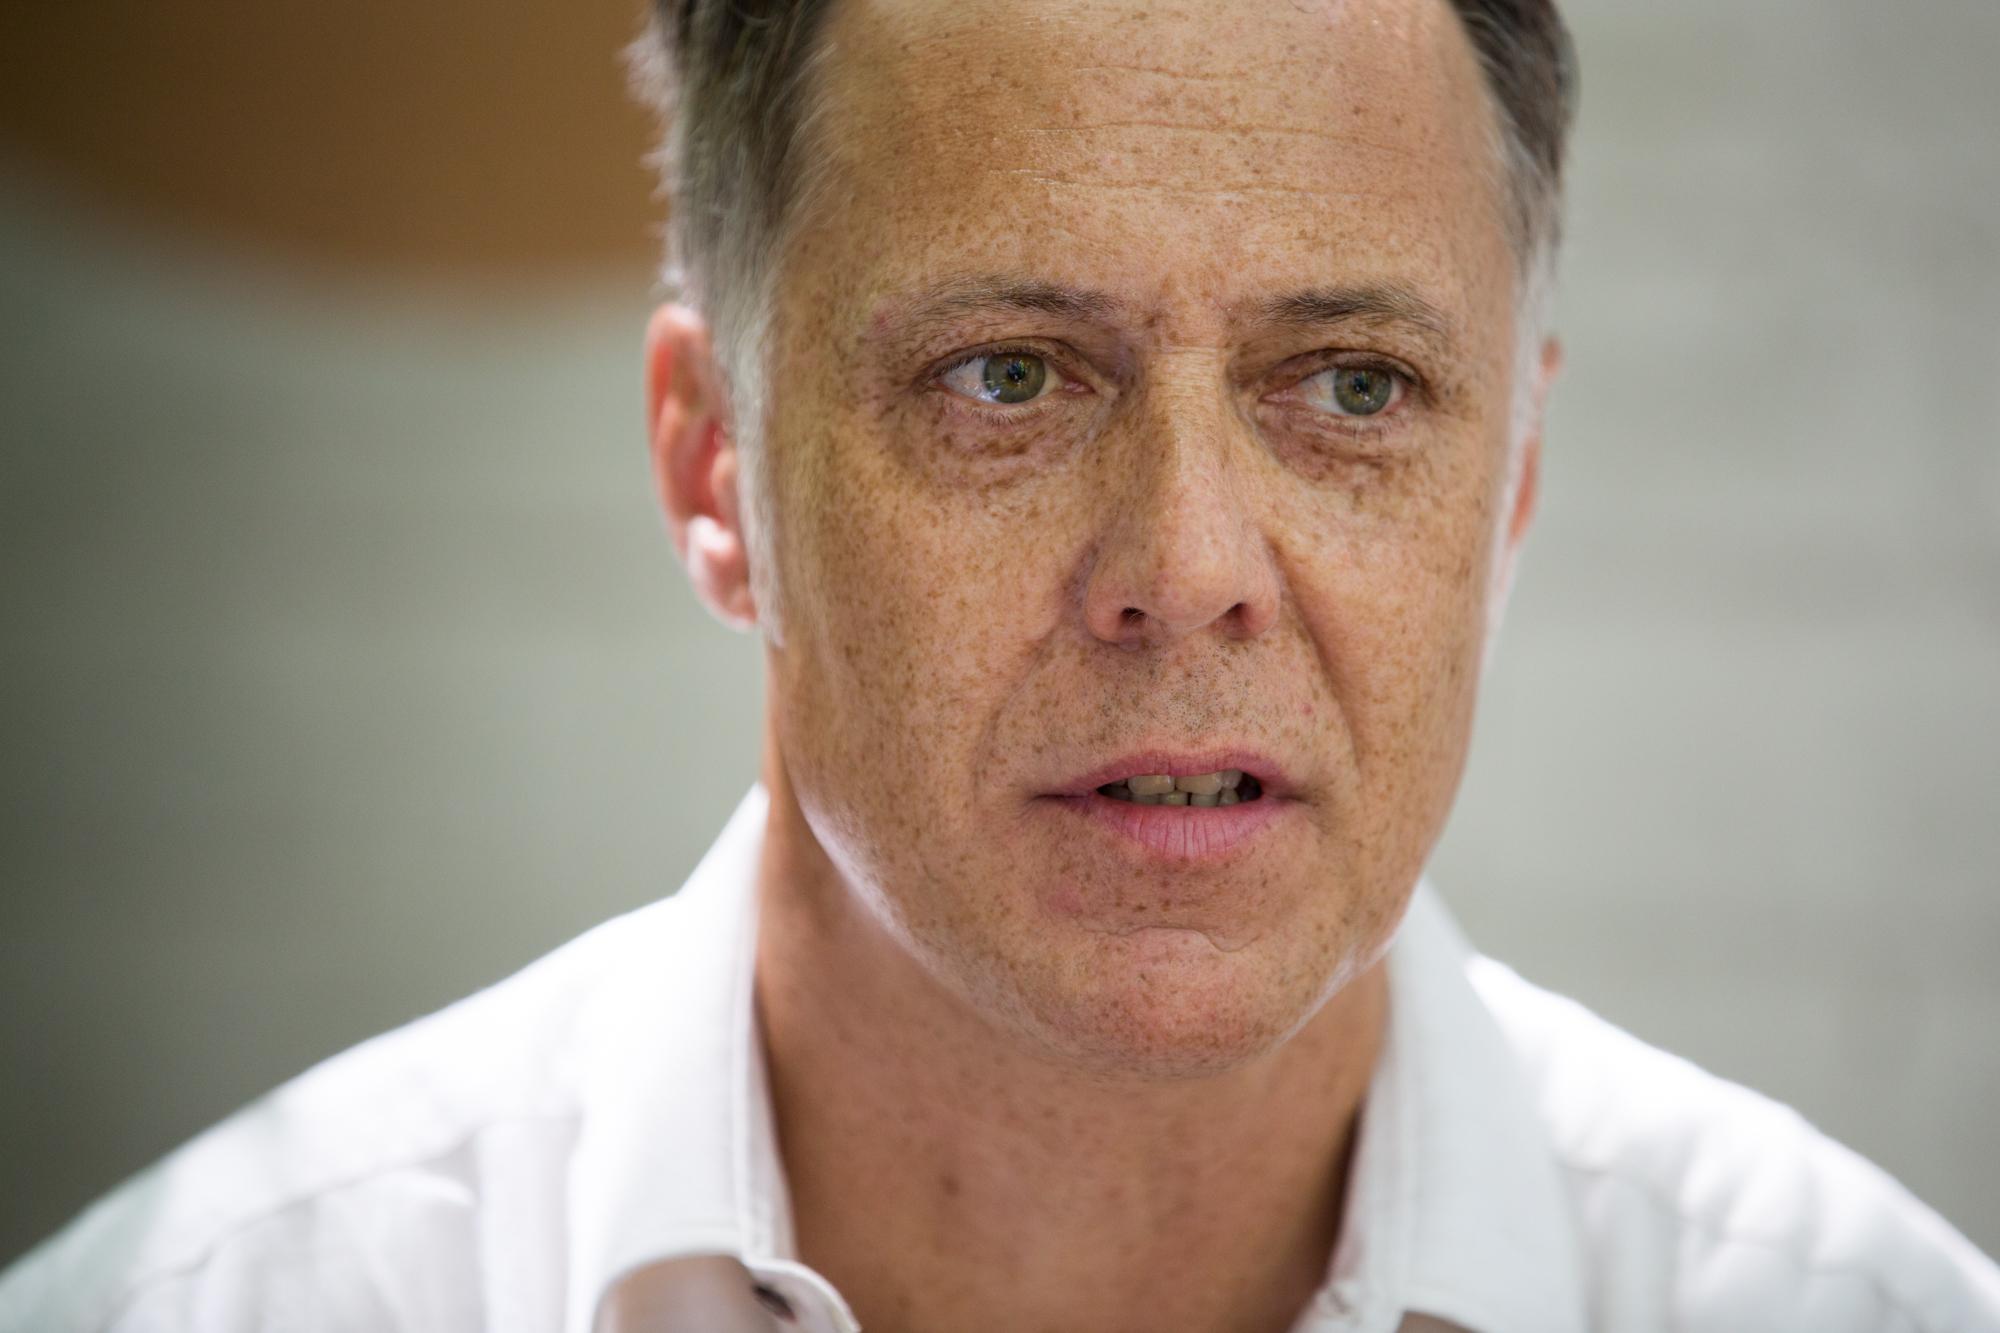 Albert Riedlin kämpft seit über drei Jahren gegen die Kündigung am Burgweg, wo er eine Werkstatt für Audio-Technik betreibt.